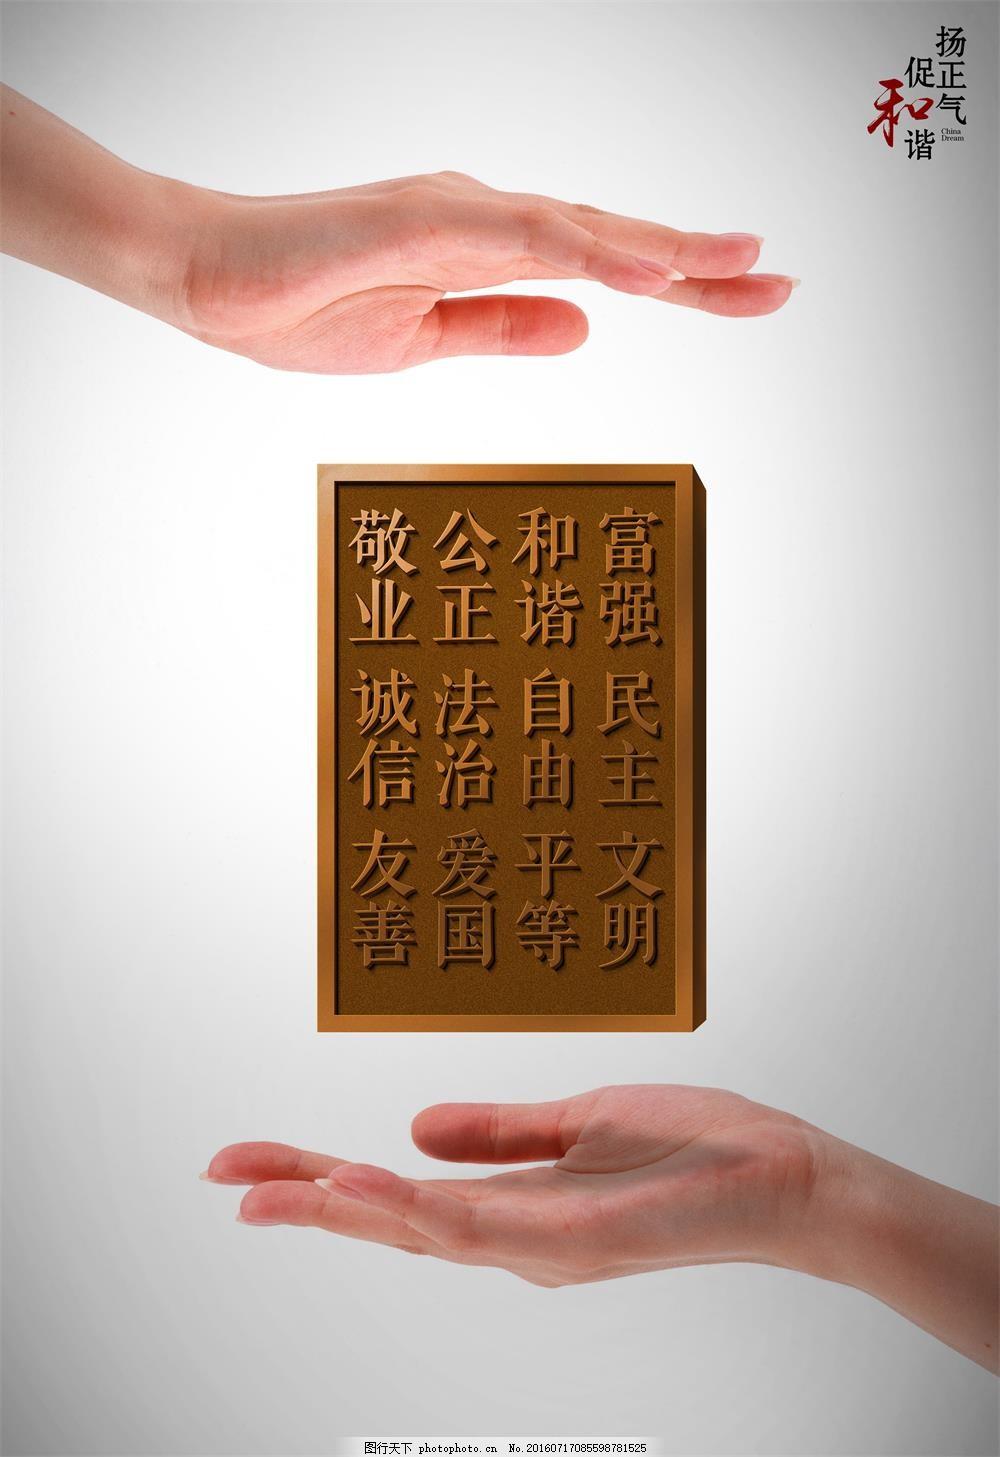 中国梦主题公益海报 敬业 公正 和谐 富强 诚信 法制 自由 民主 友善